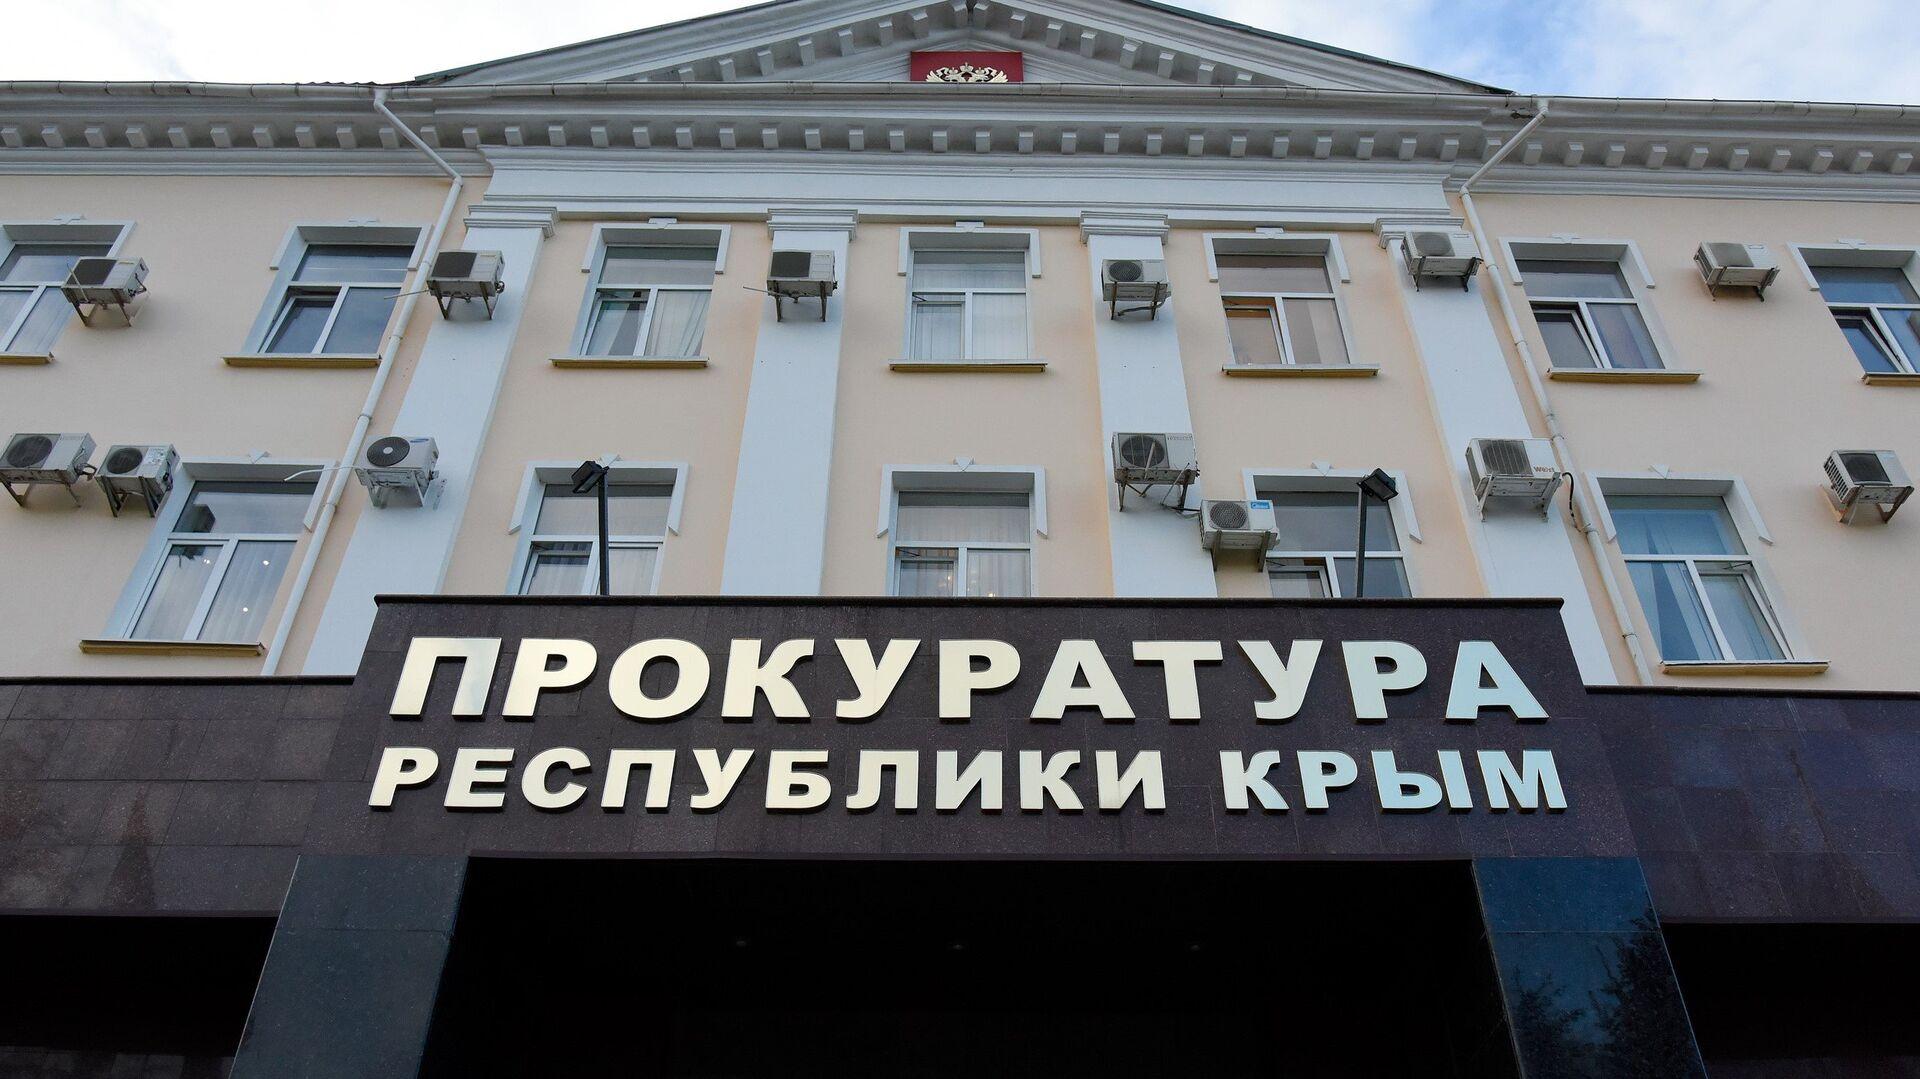 Прокуратура Республики Крым - РИА Новости, 1920, 14.10.2020